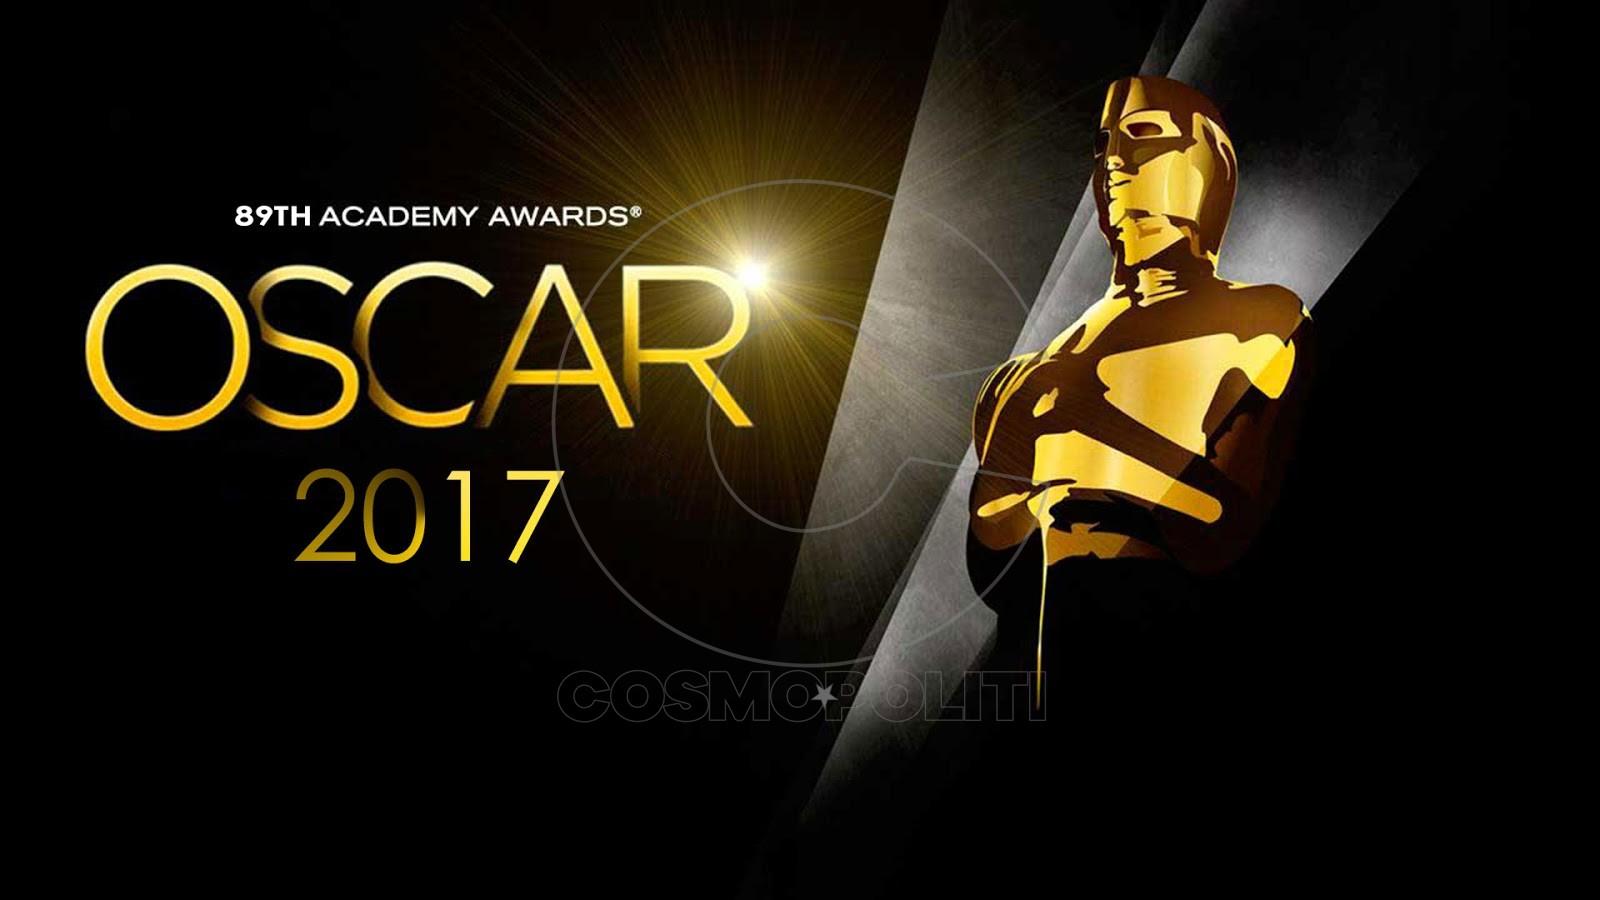 2017-Oscars-89th-Academy-Awards-1